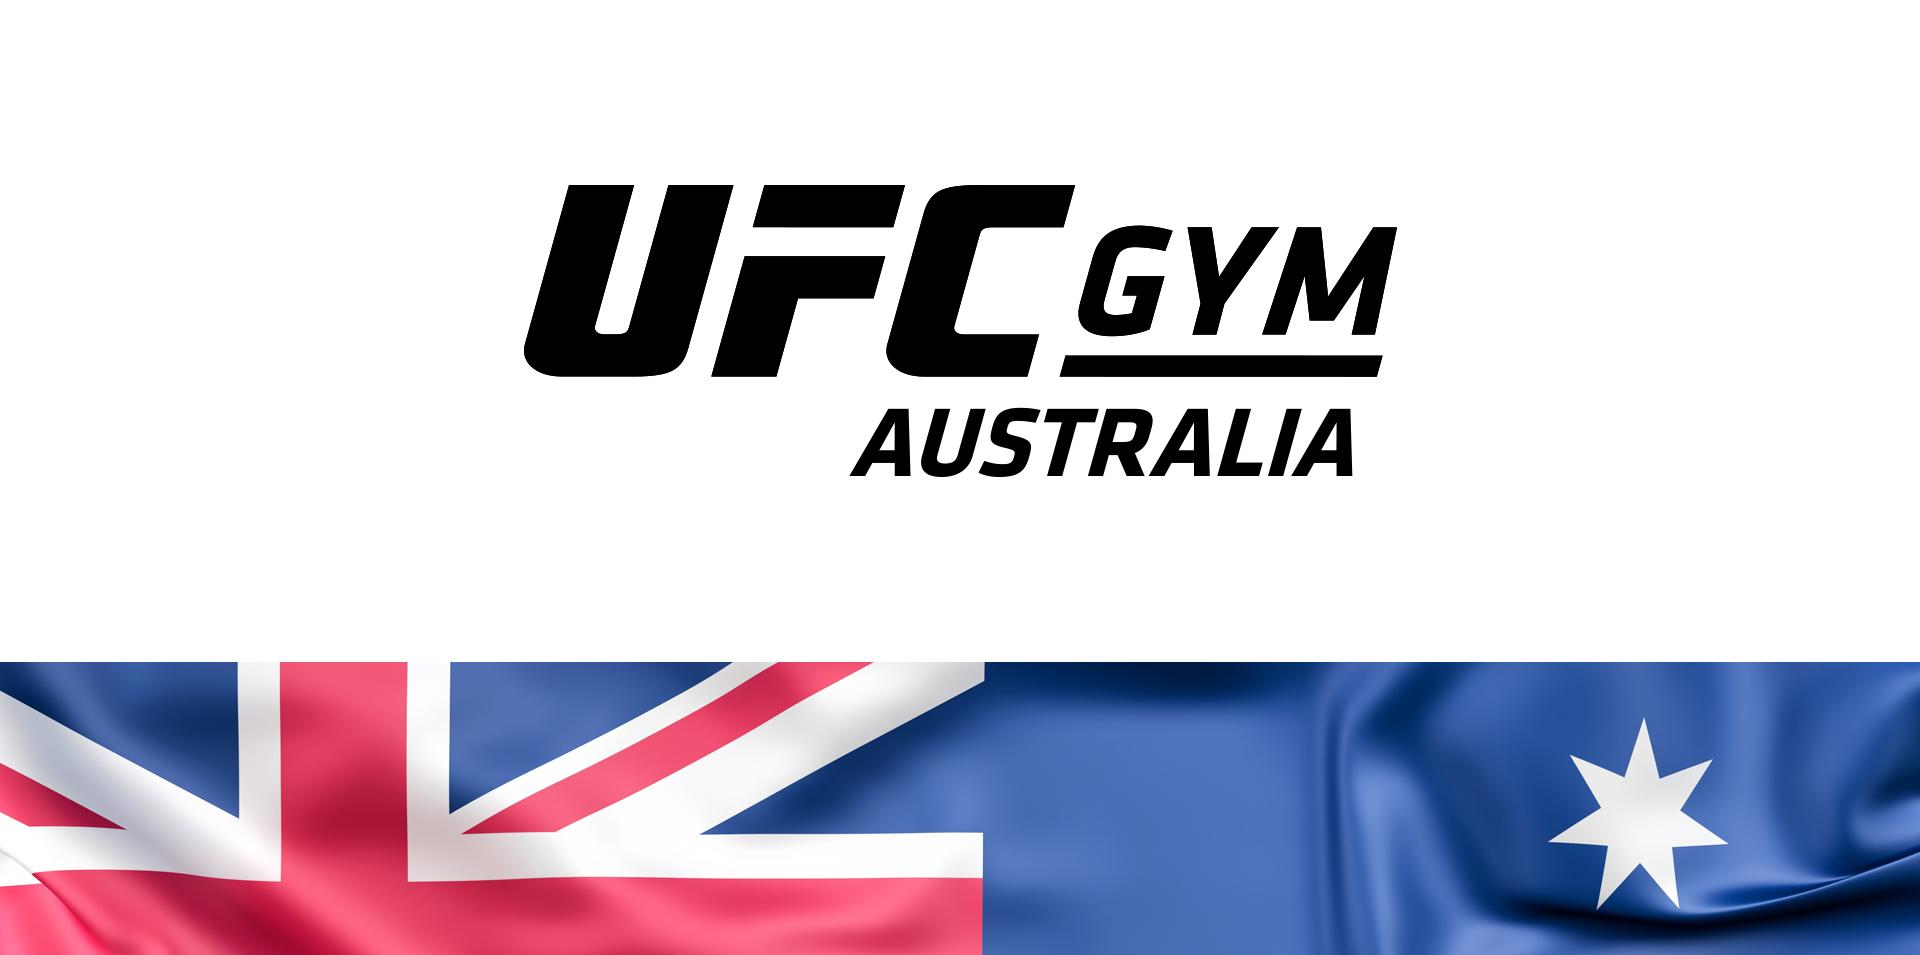 Australia Featured Image